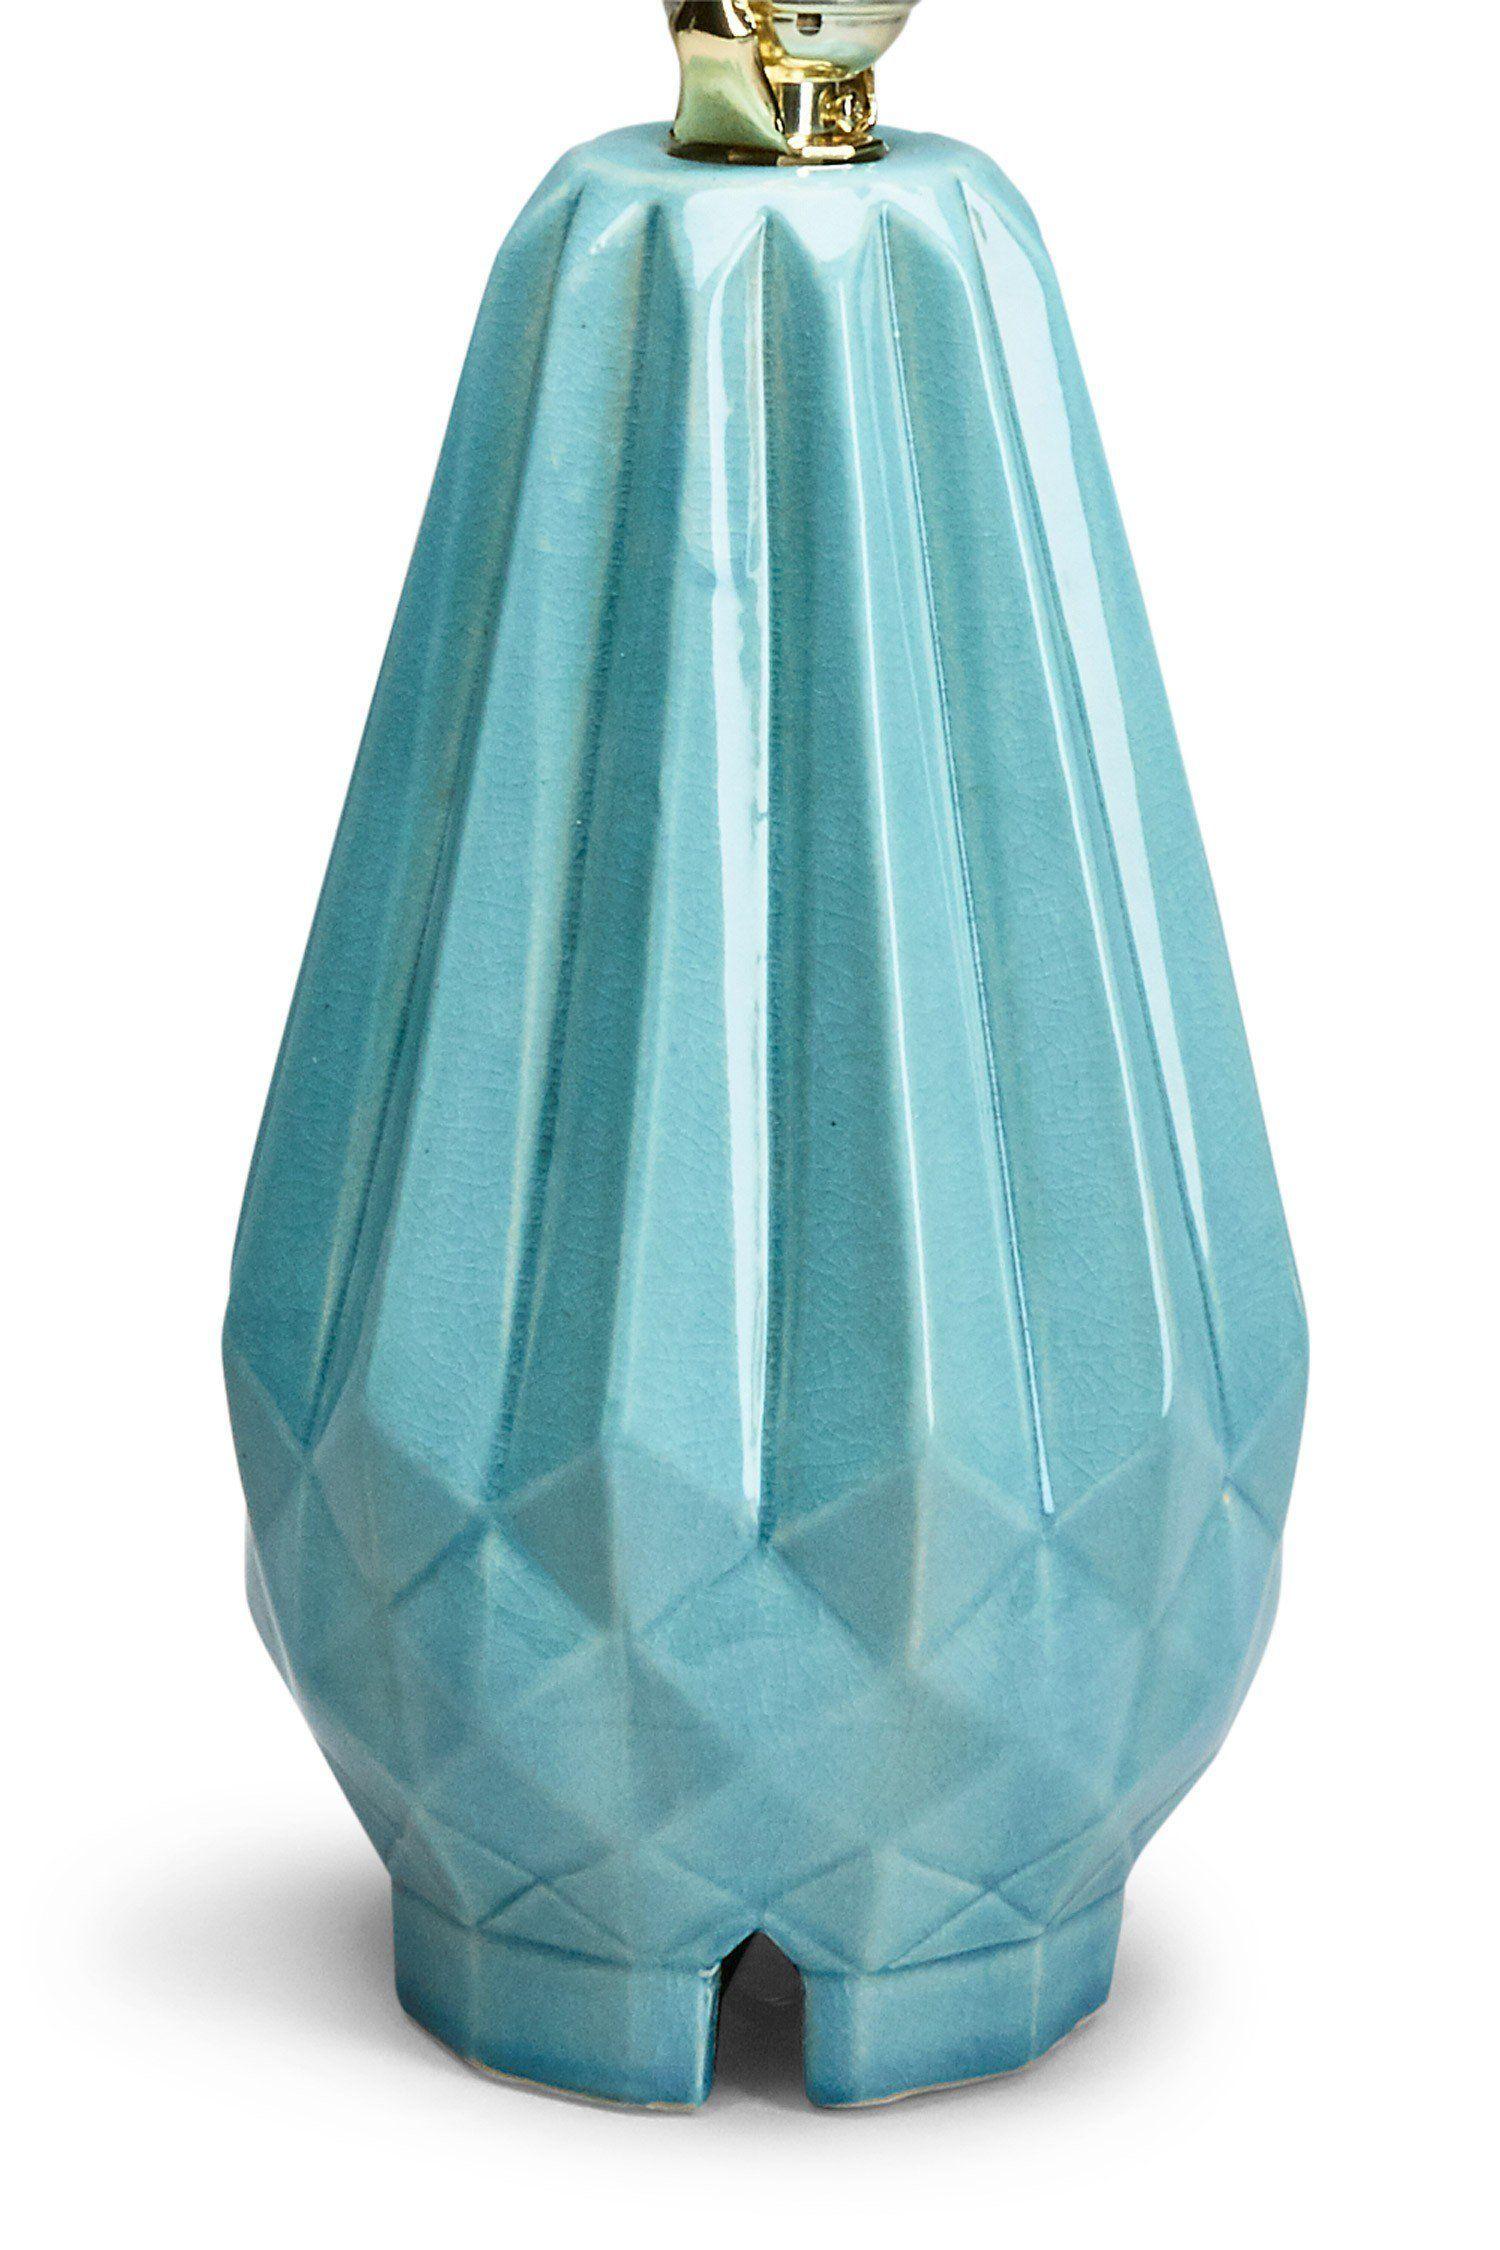 Faceted Aqua Ceramic Lamp Base